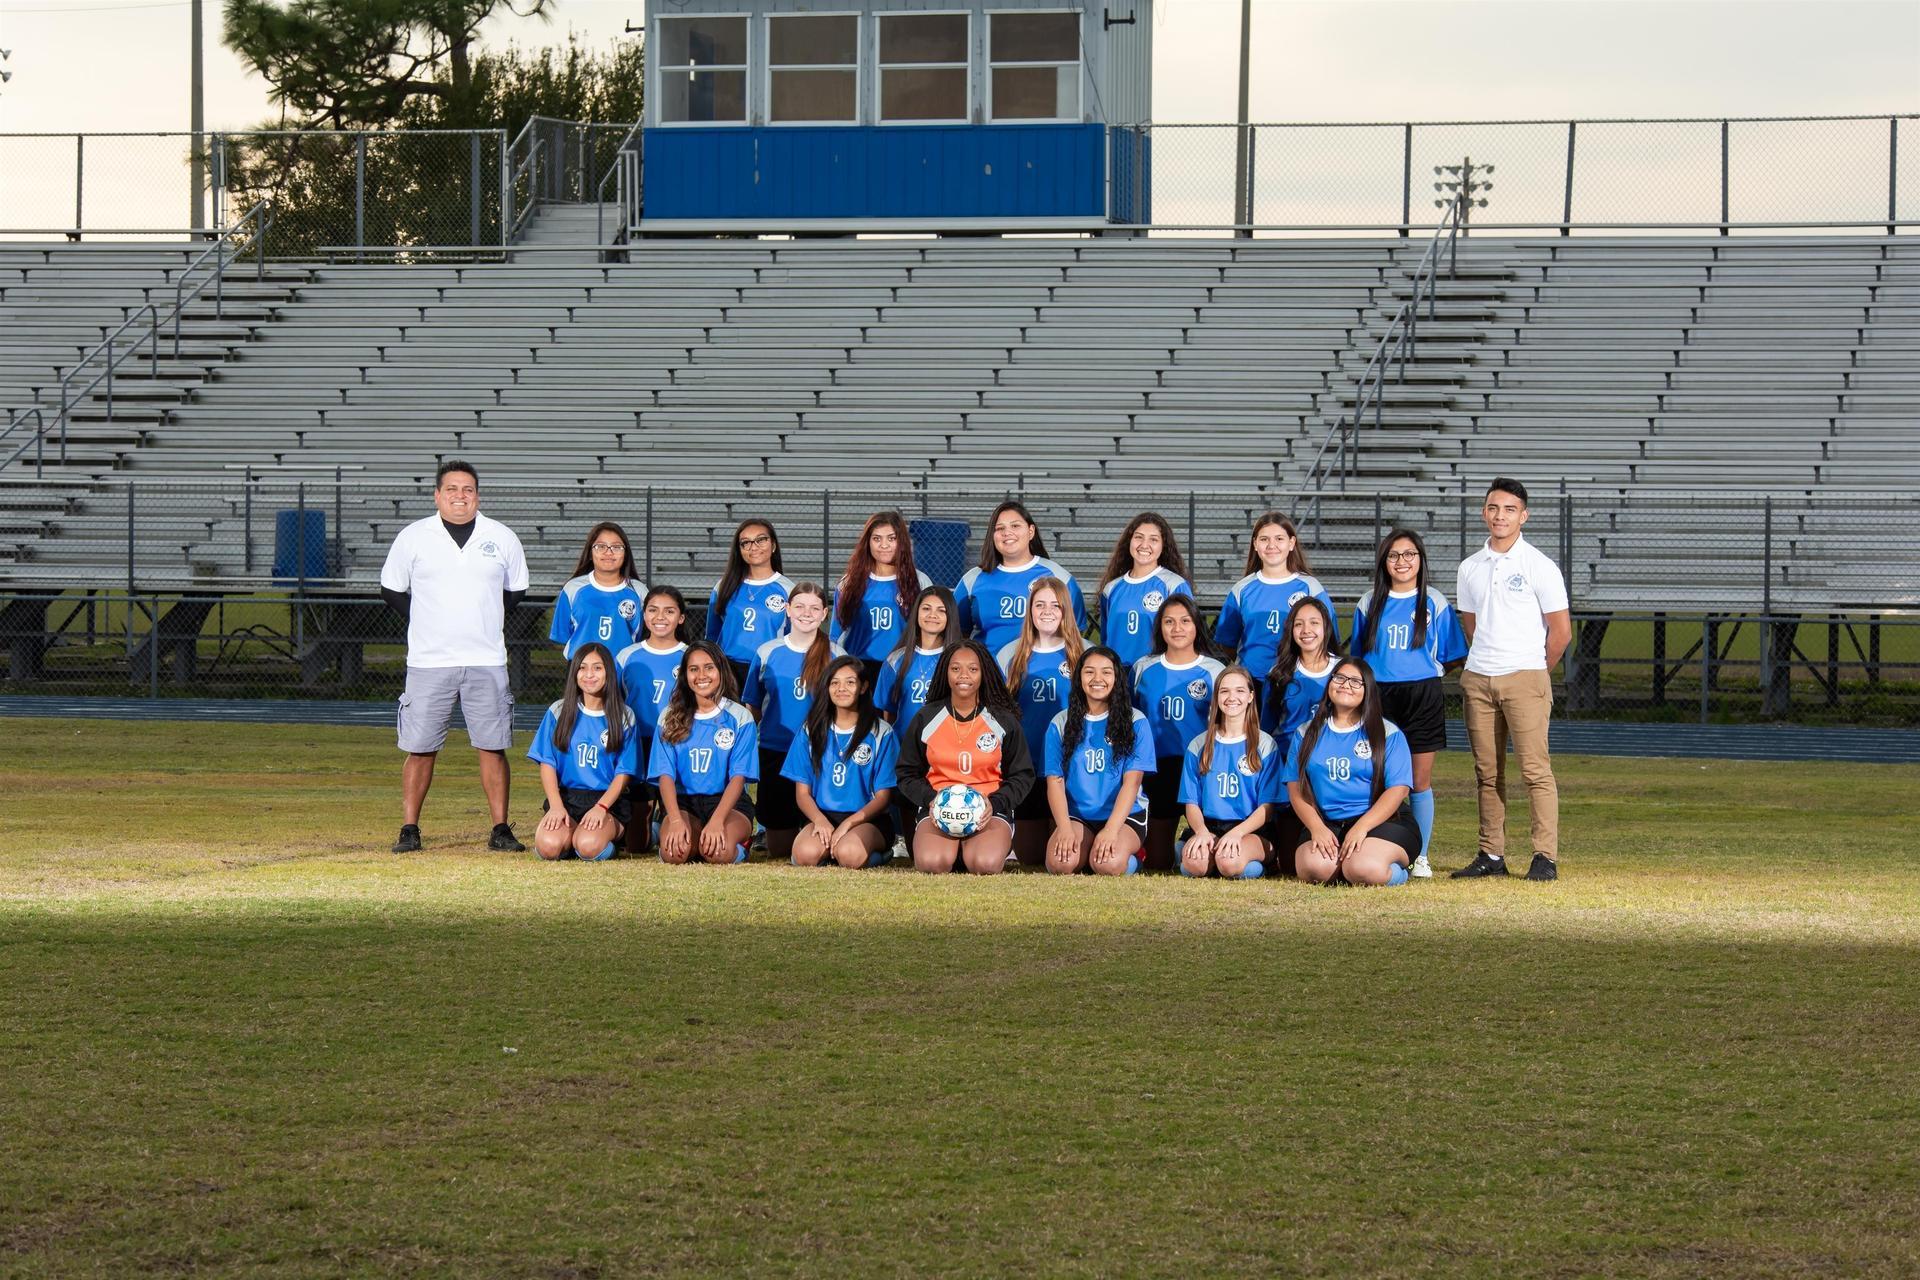 2019 JV girls soccer